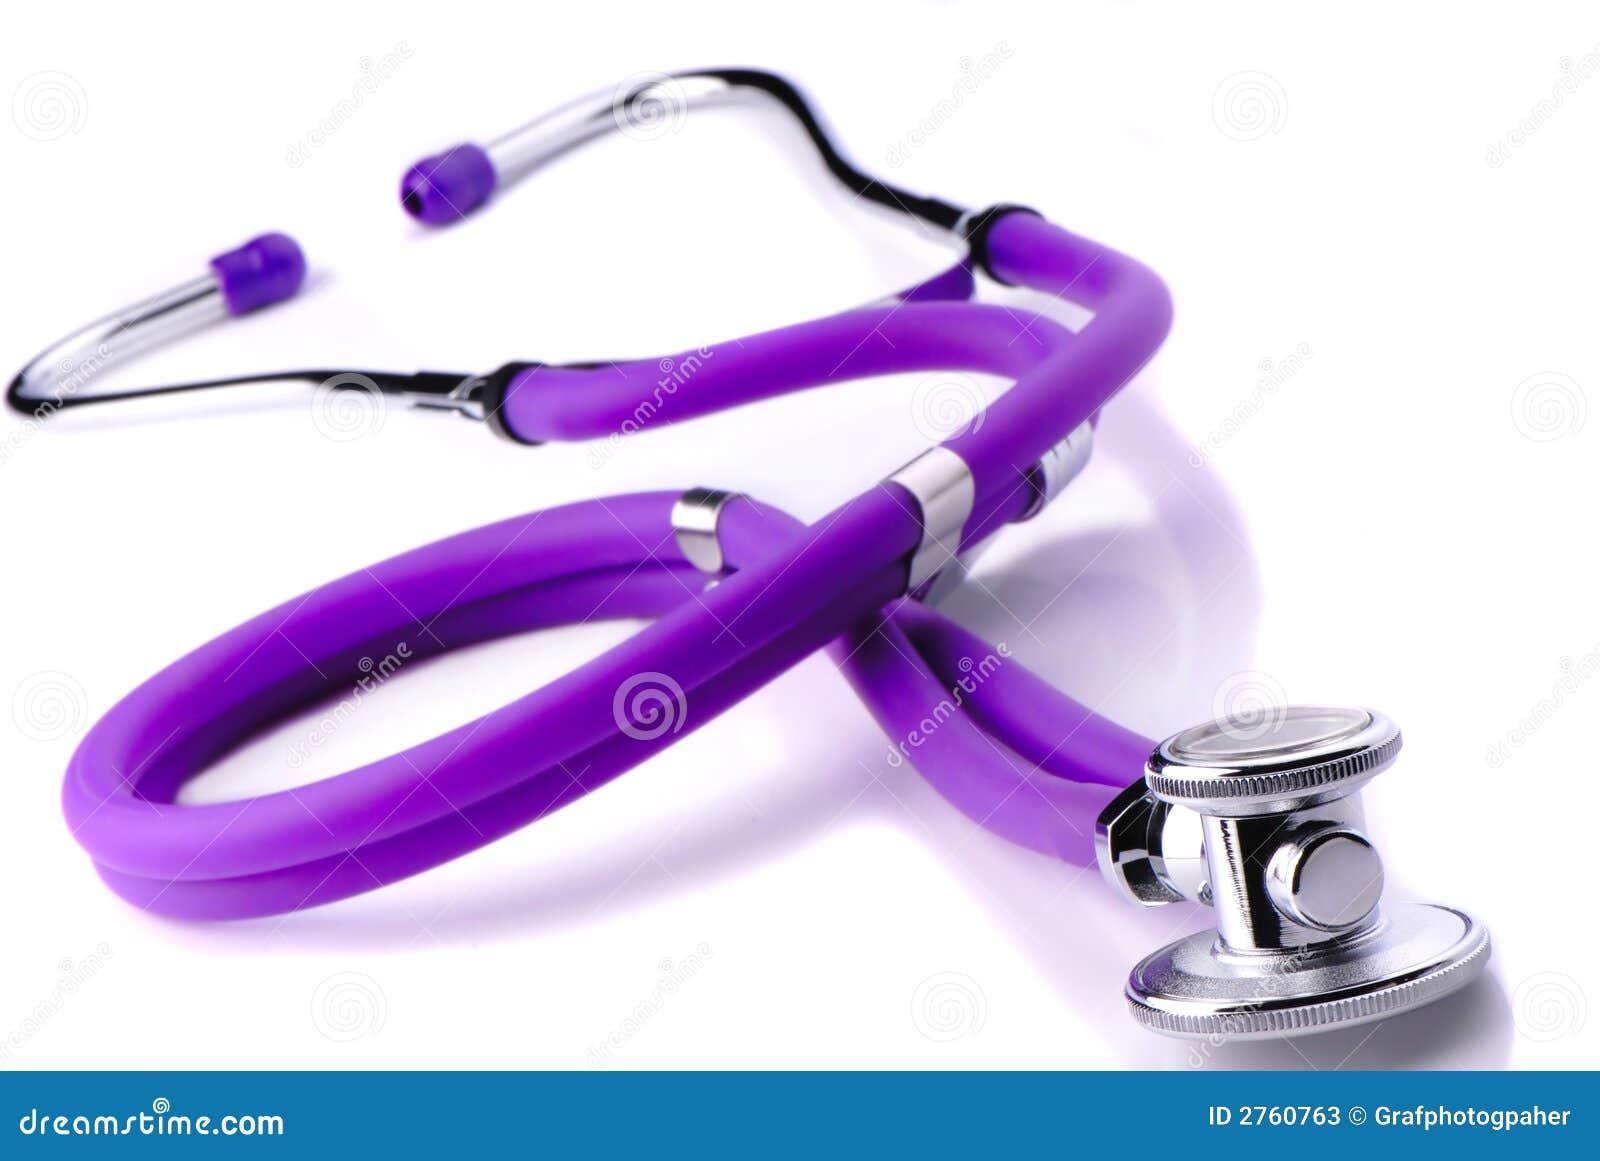 Estetoscopio médico